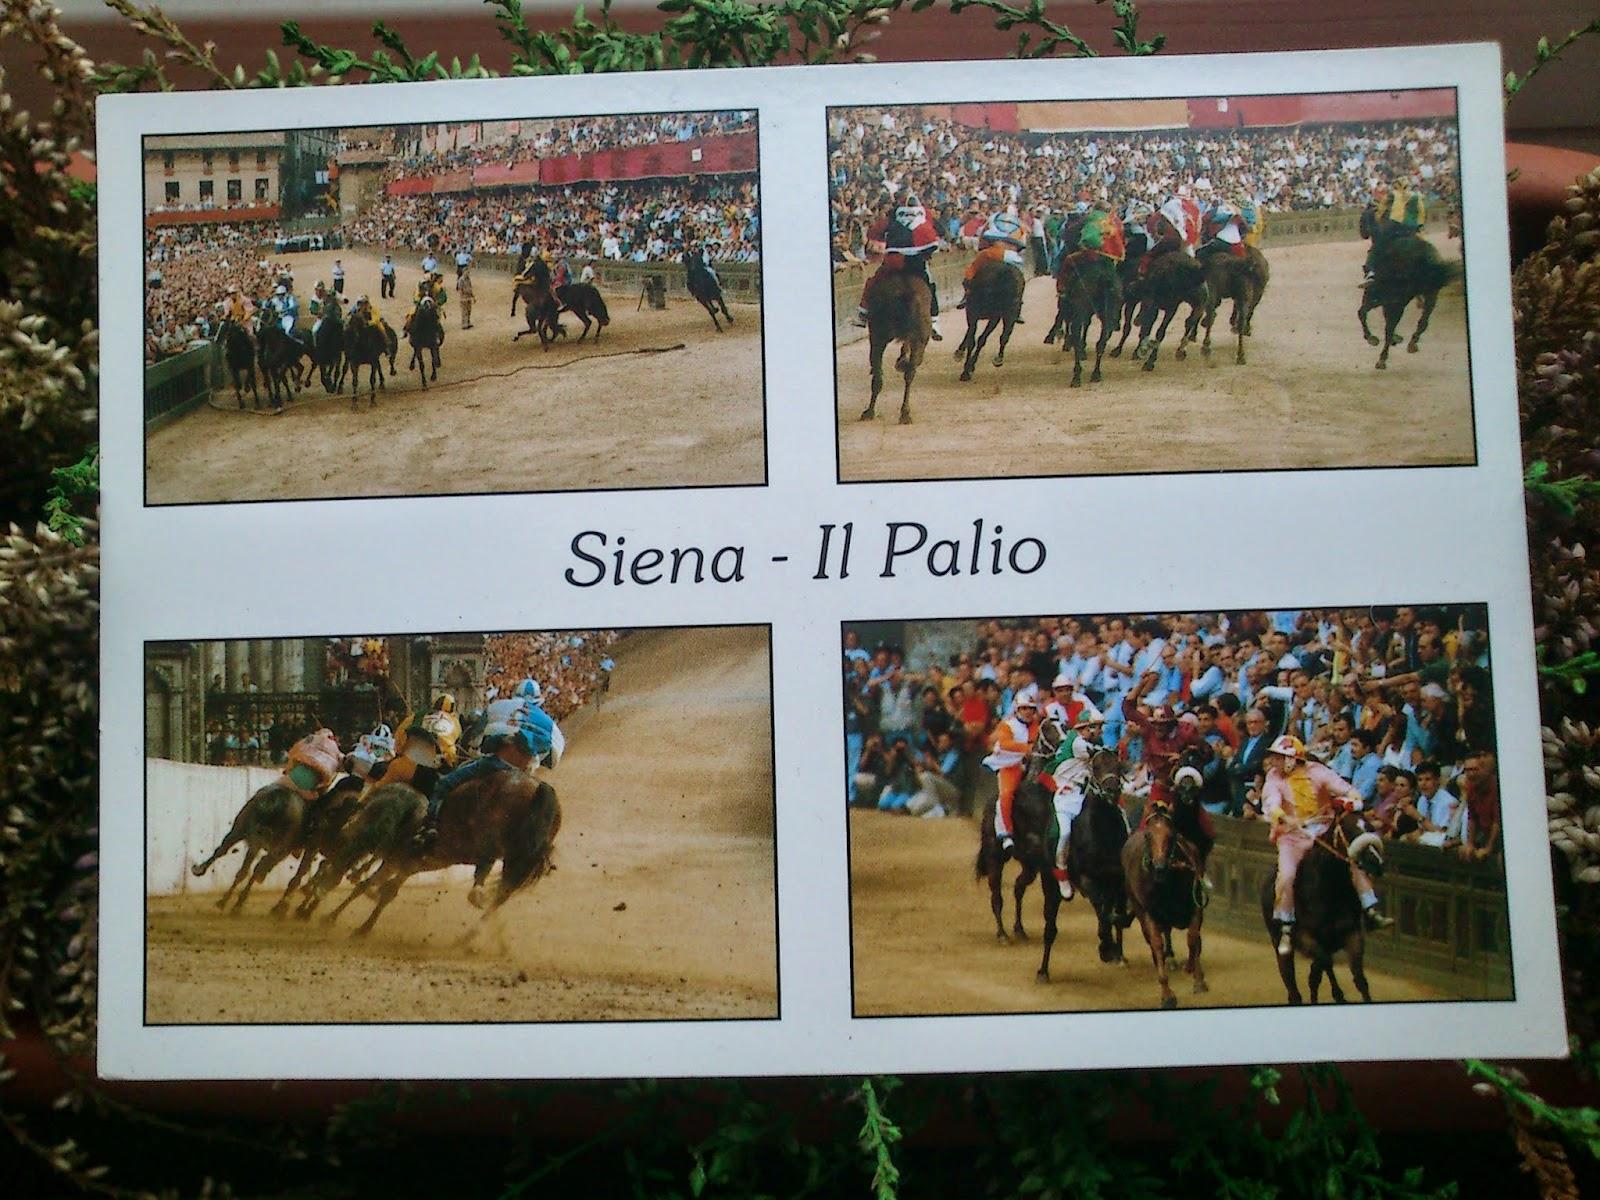 Włochy - Siena